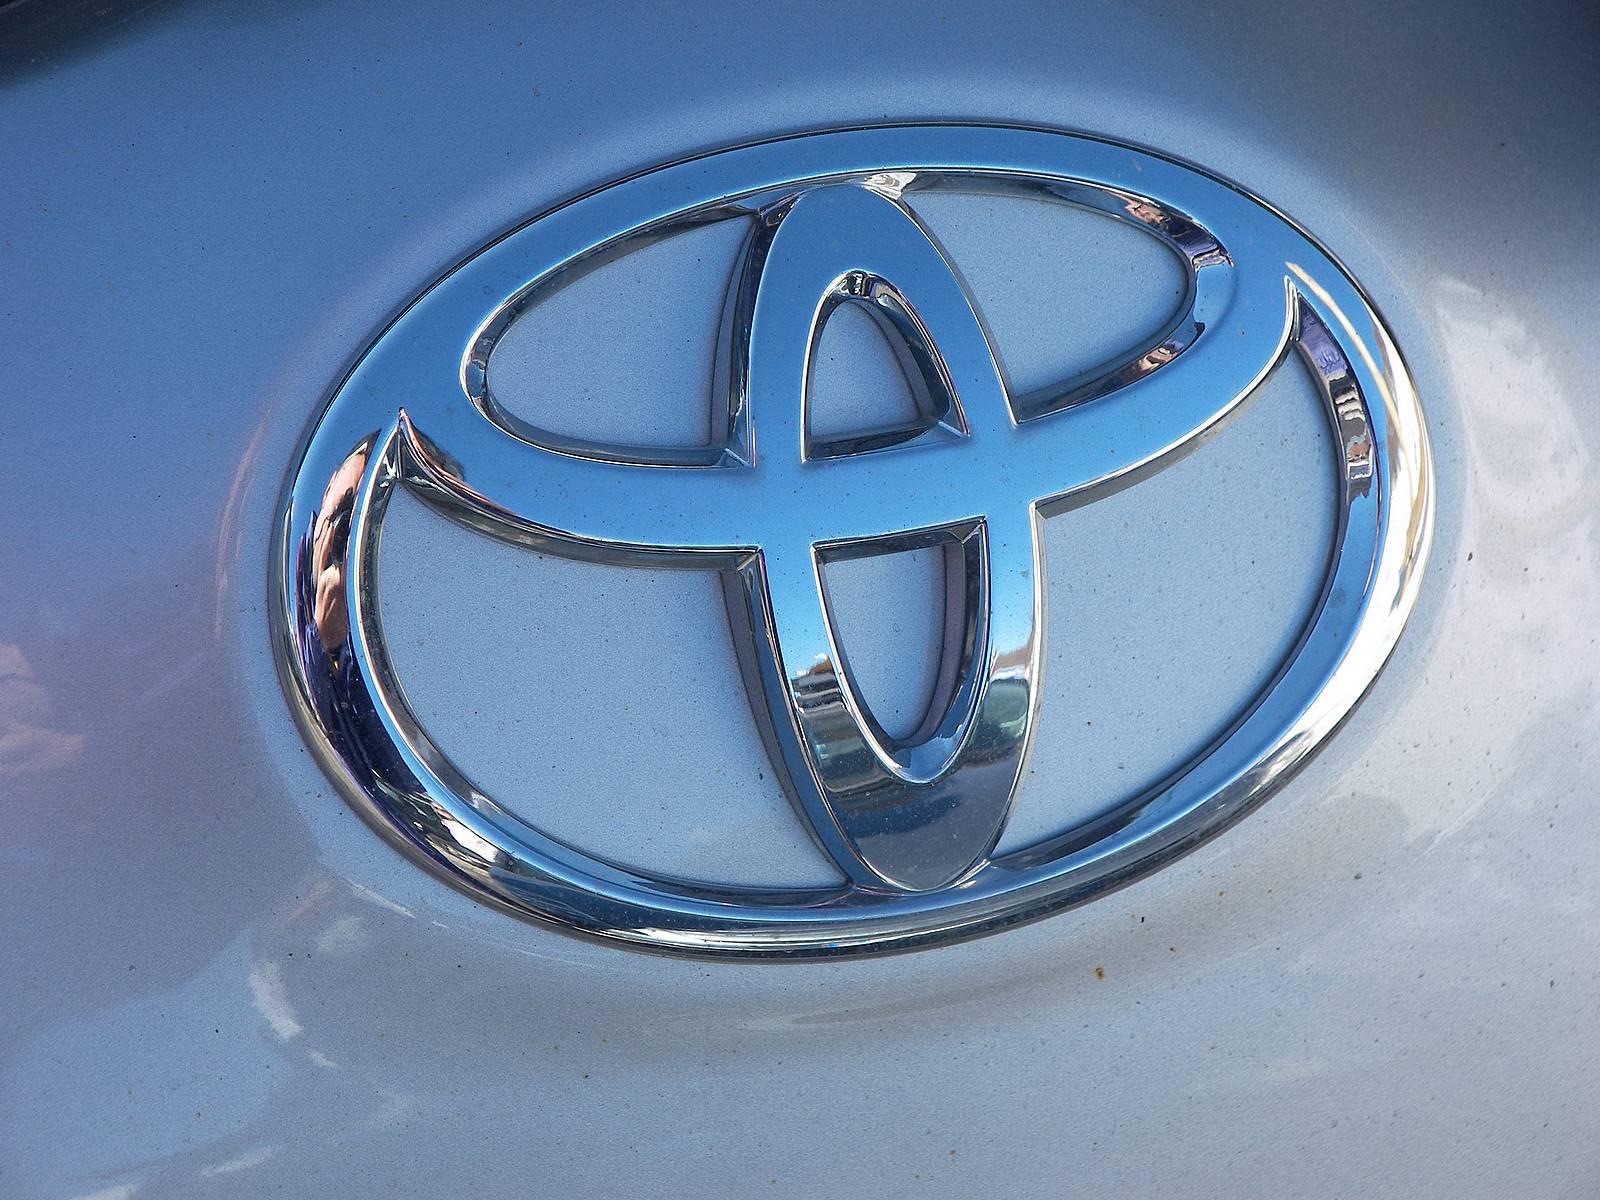 Более трех миллионов автомобилей Toyota оказались неисправными